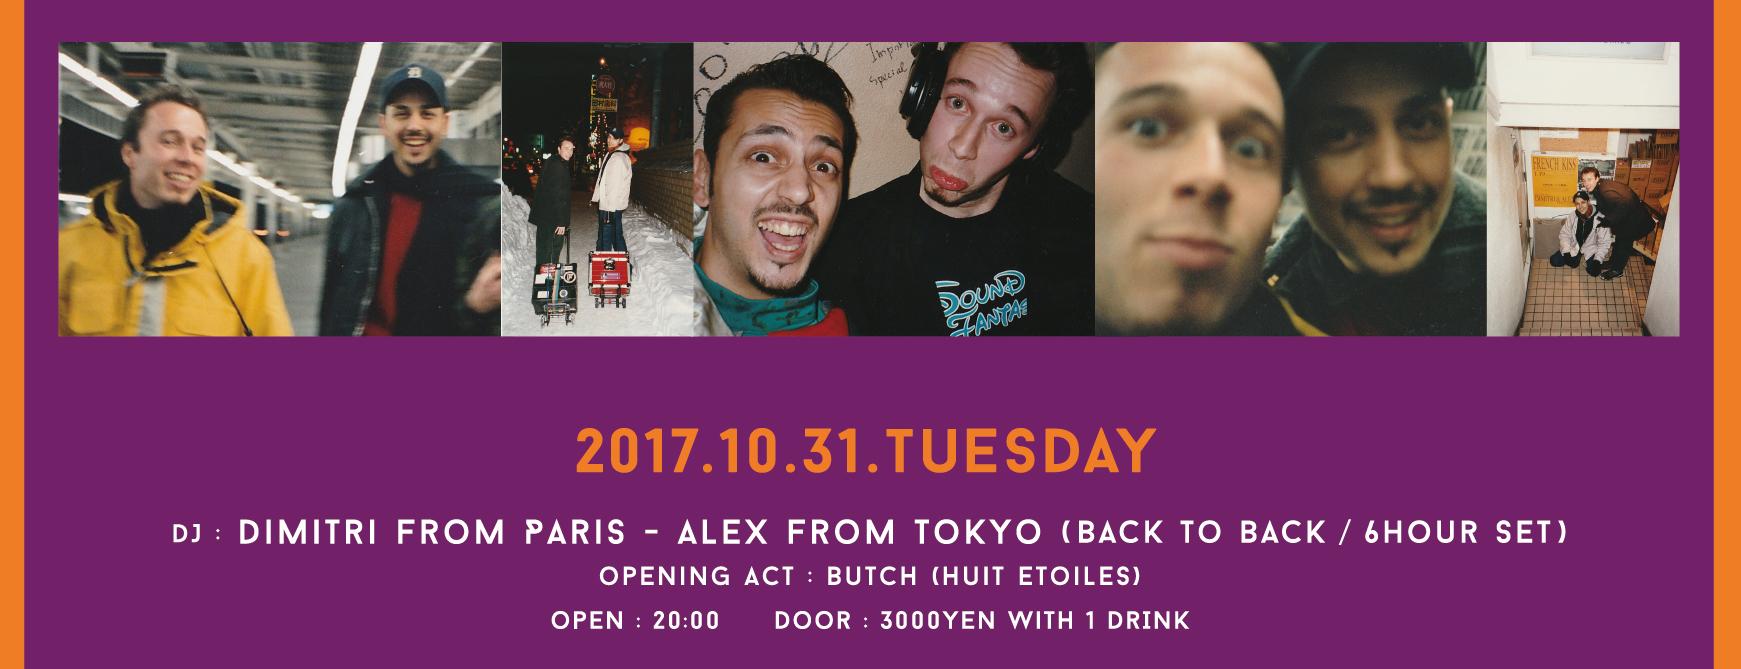 ディミトリ・フロム・パリ(Dimitri From Paris)と、アレックス・フロム・トーキョー(Alex From Tokyo)。パリをルーツに持つ2人の大物DJによるハロウィンパーティーが開催決定!